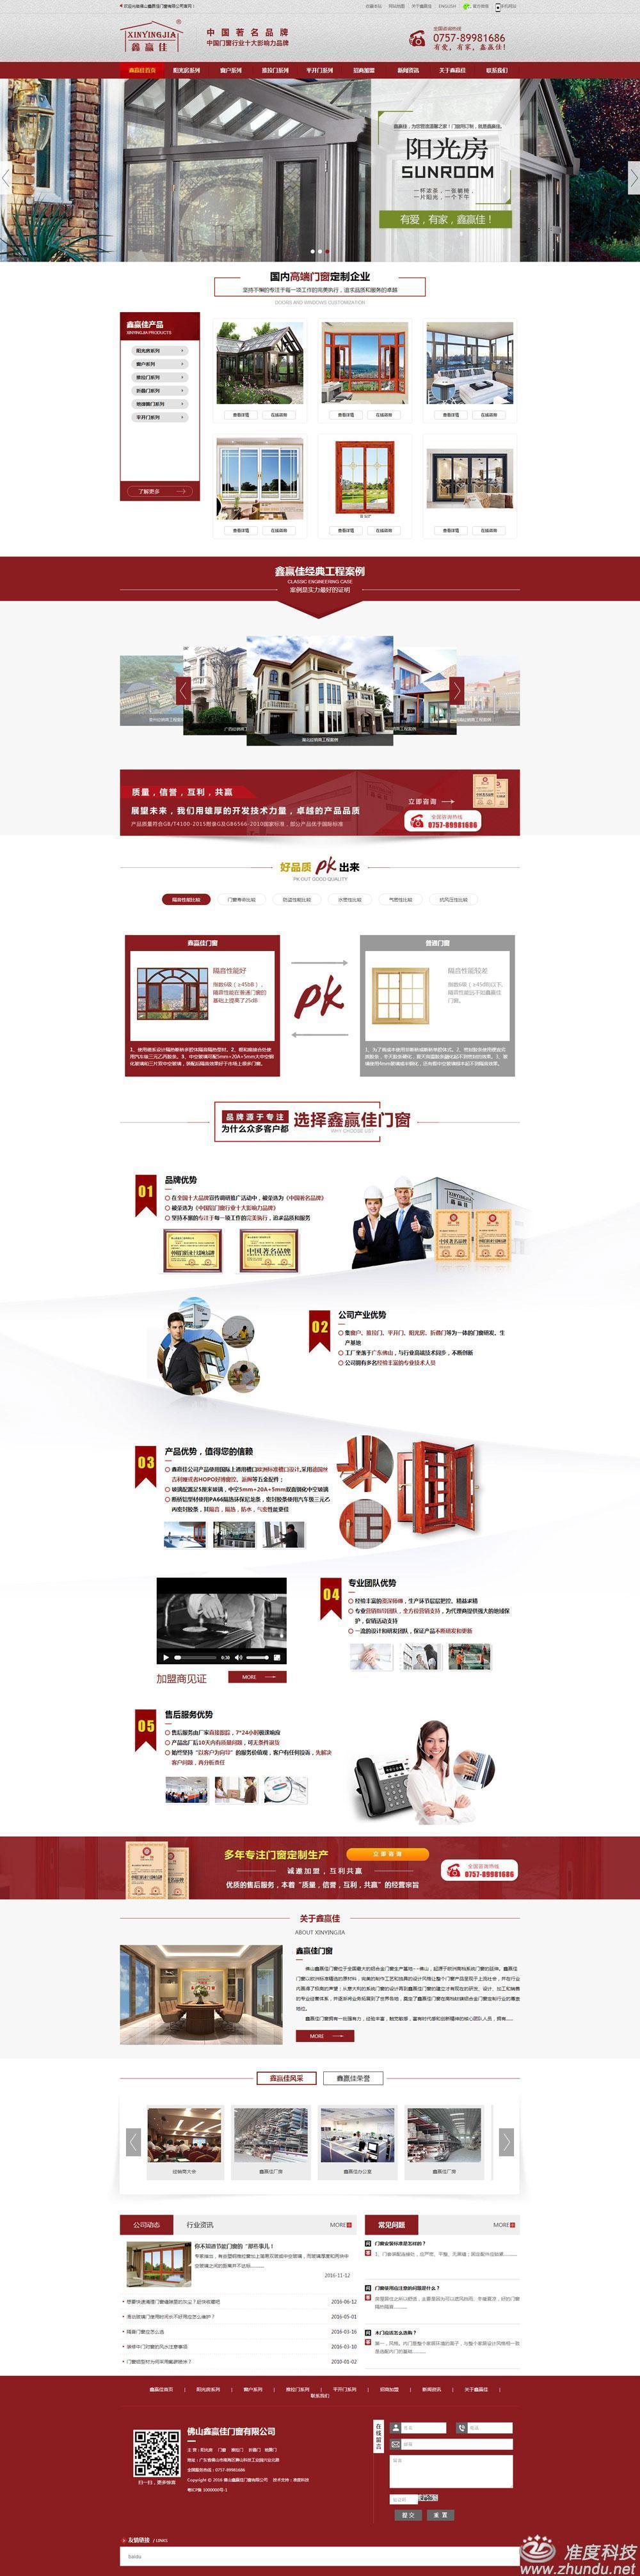 鑫赢佳全网营销型网站效果展示图